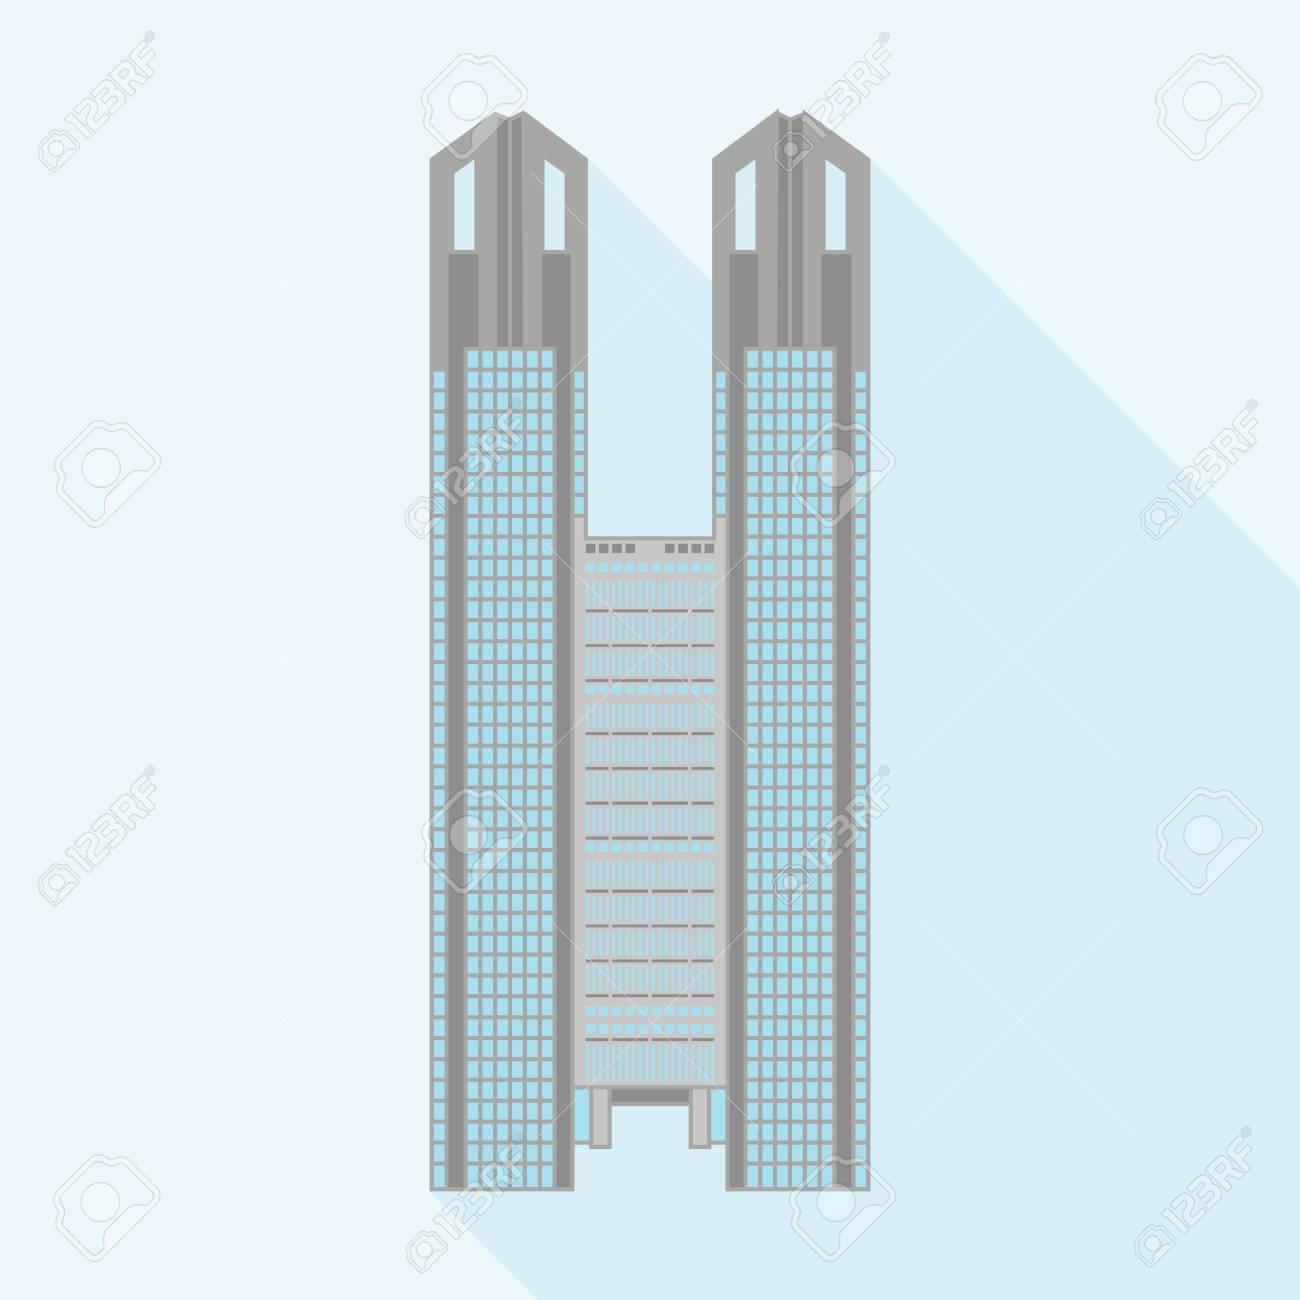 Токийское правительственное здание